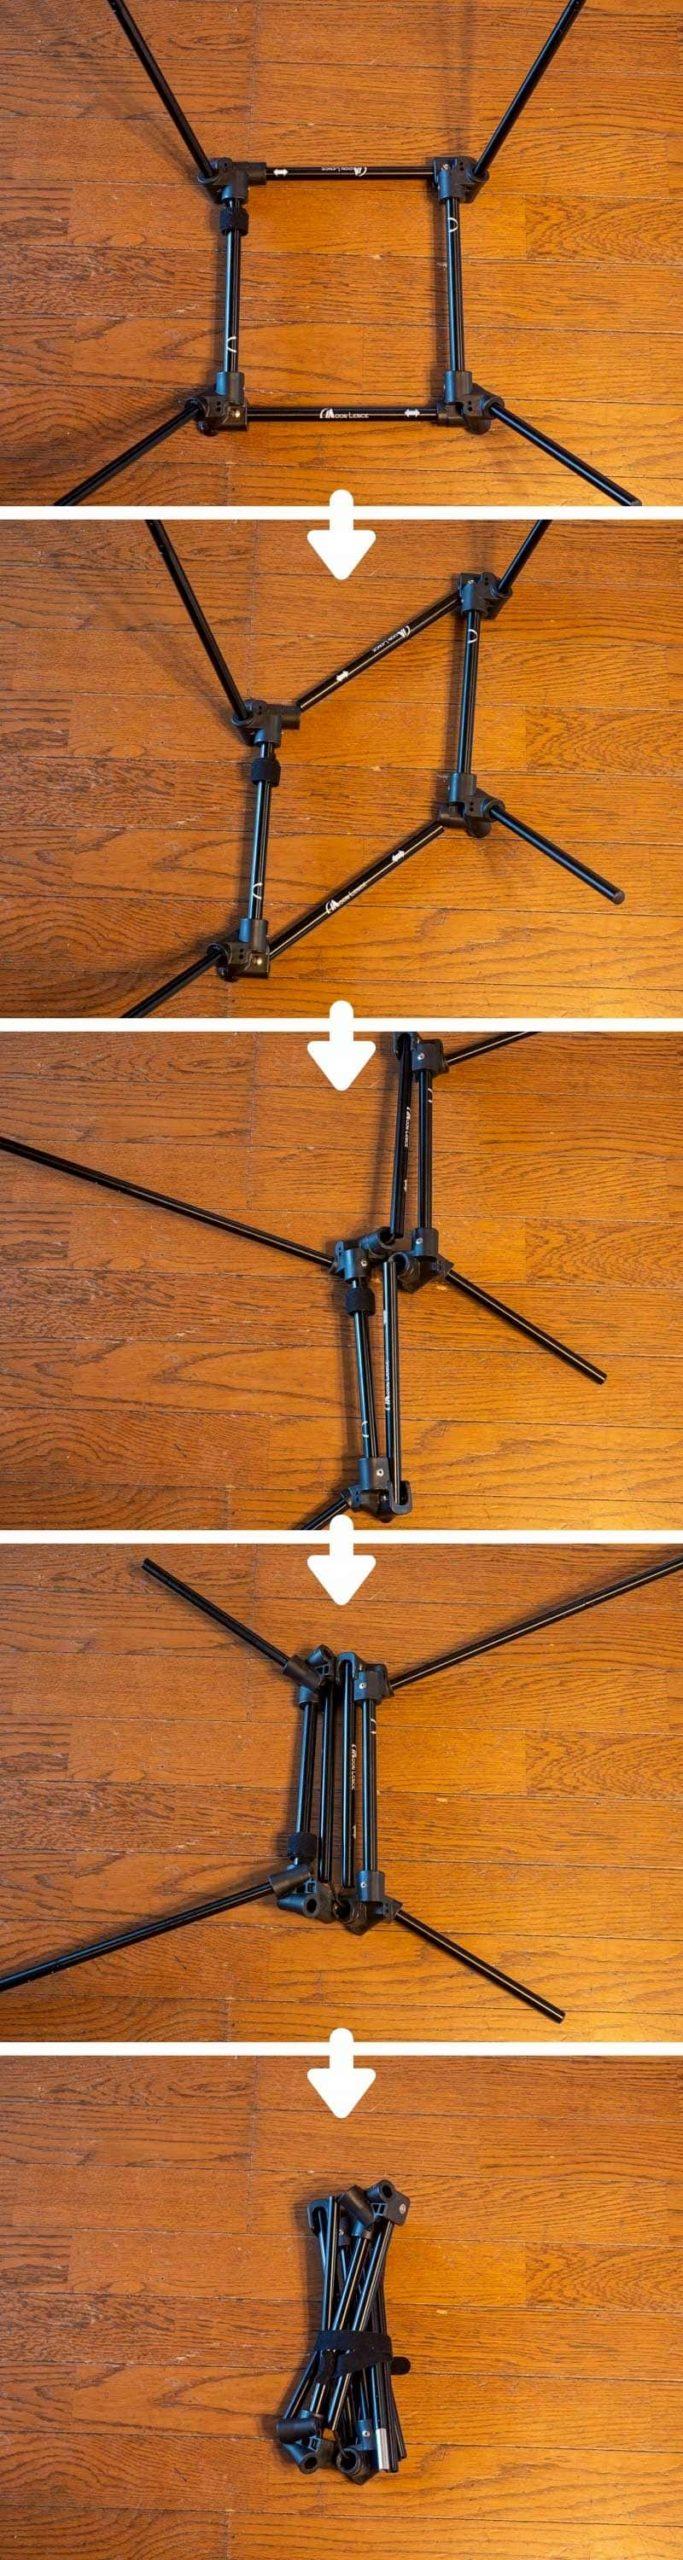 ムーンレンス グラウンドチェア風2WAYチェア 脚の畳み方